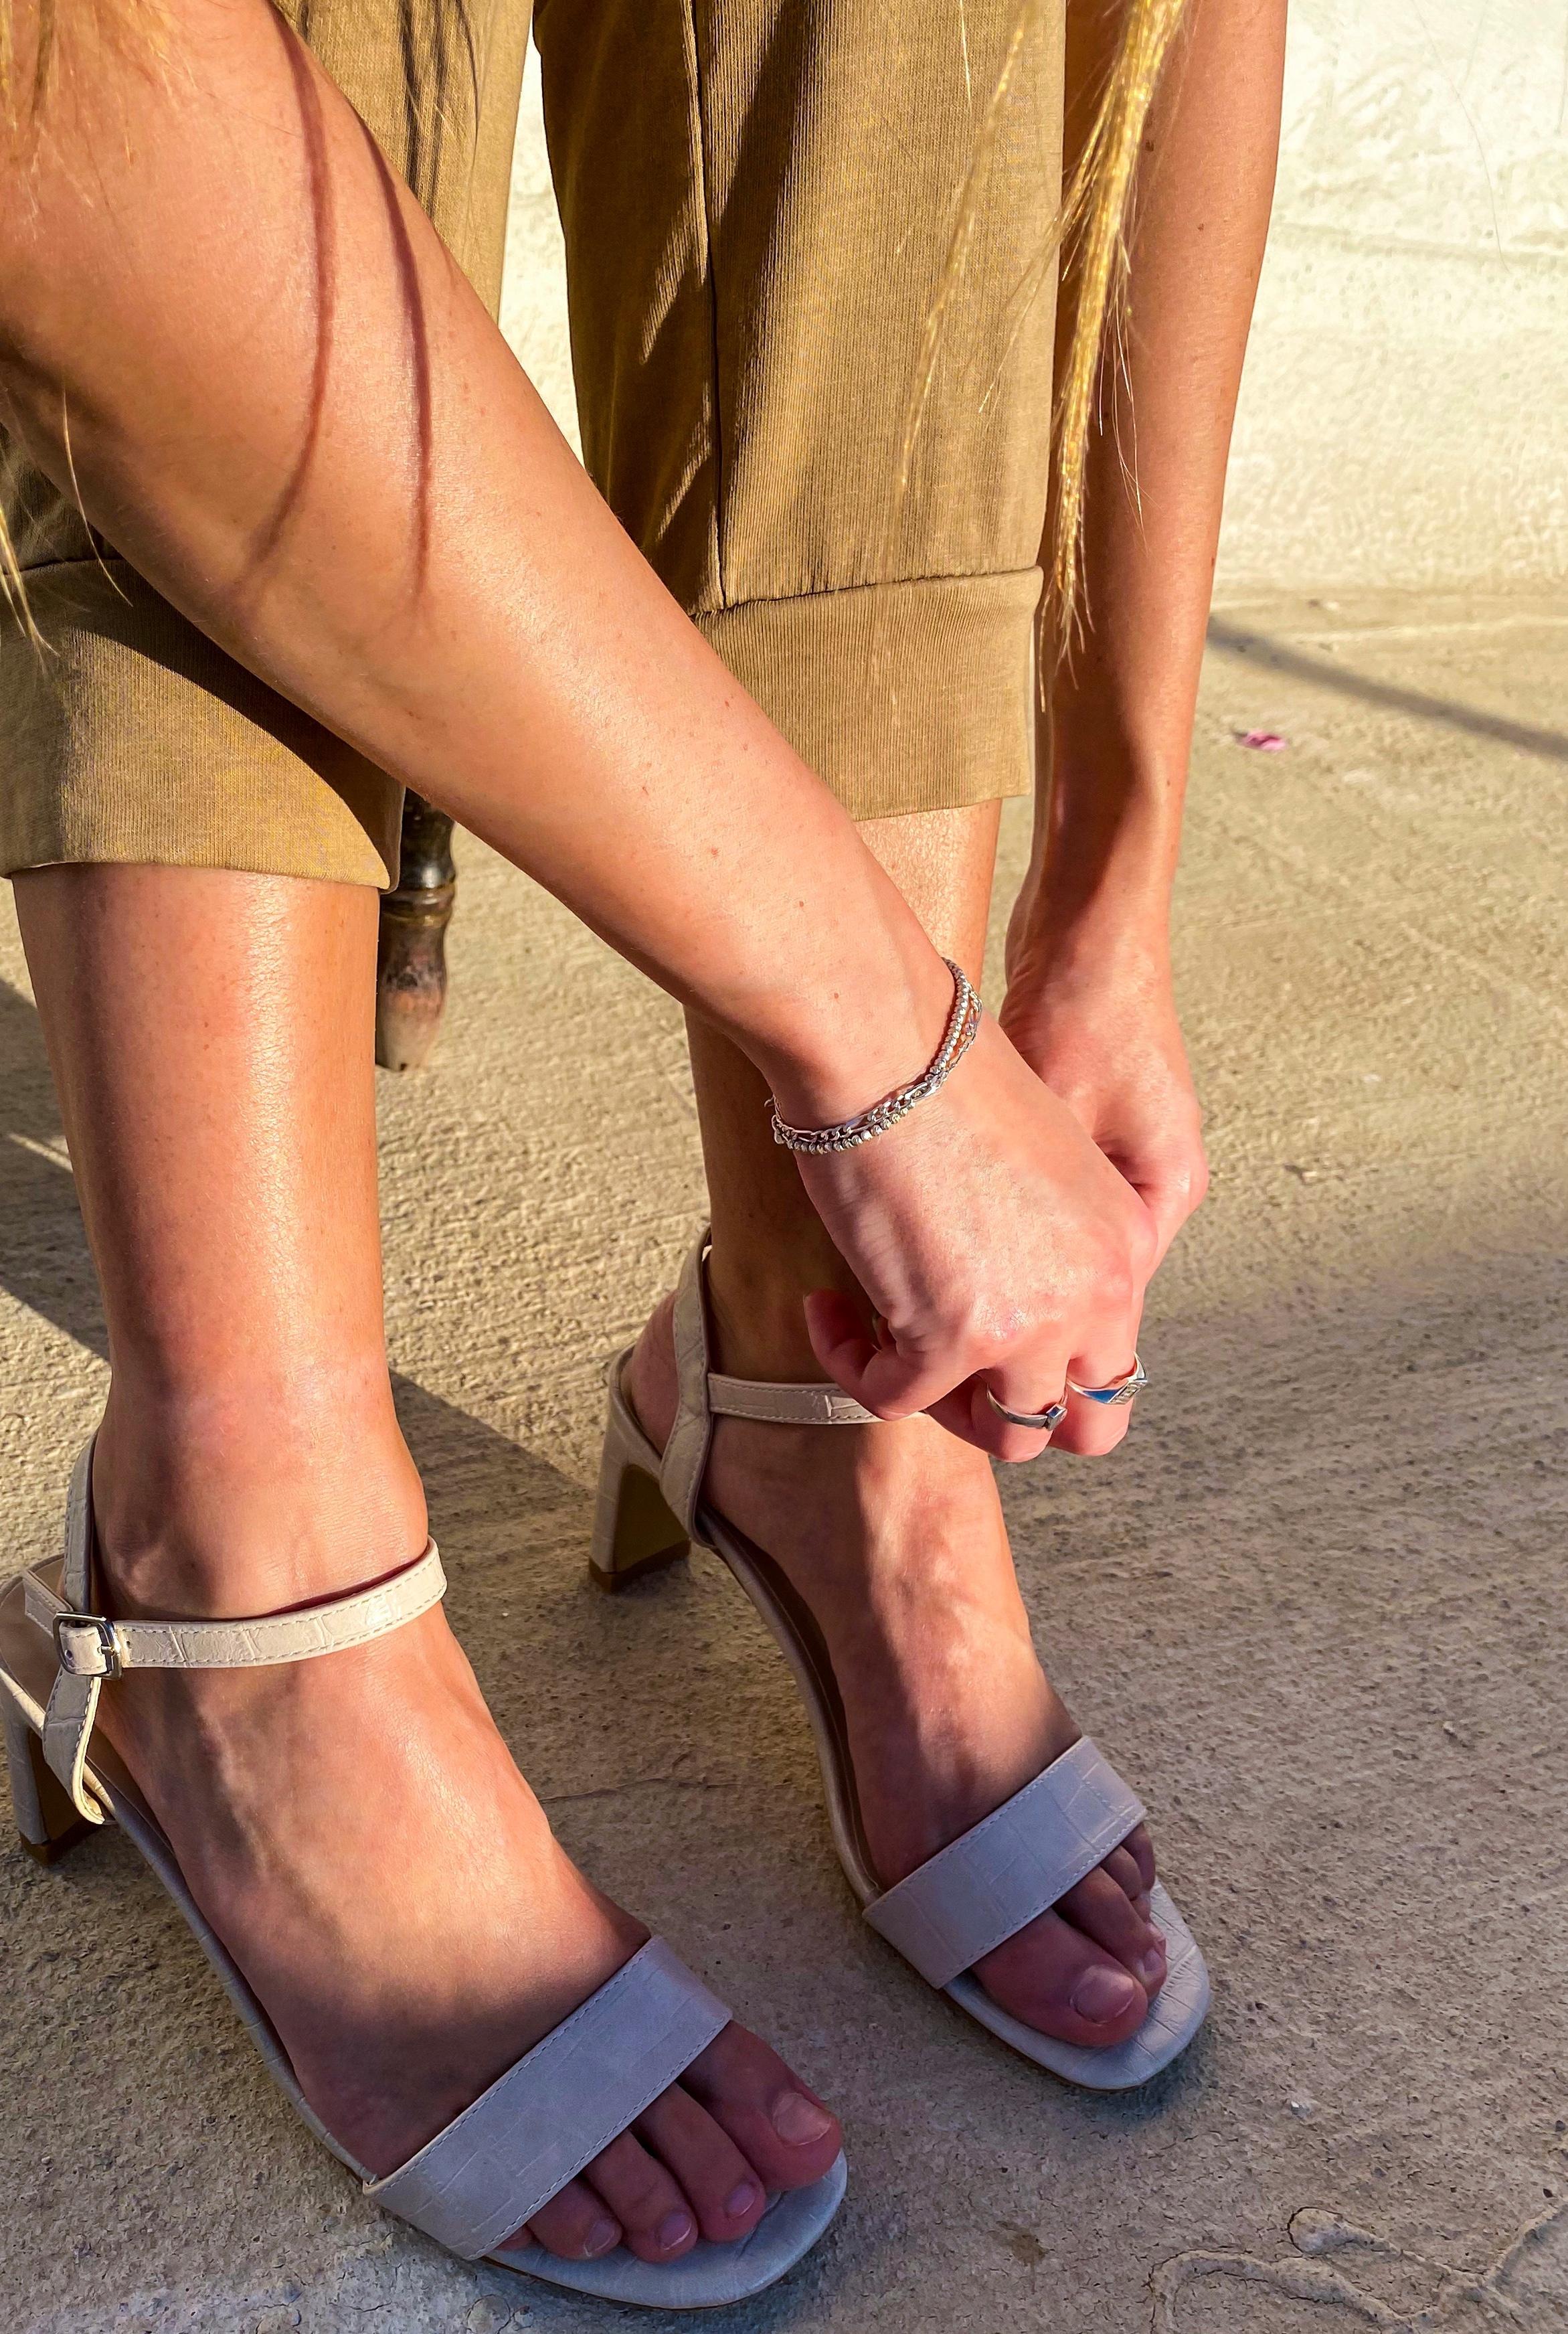 הנעליים של Lolly Brands. דוגמנית: רוני שקדי.צילום וסטיילינג: אוריה מוסטר